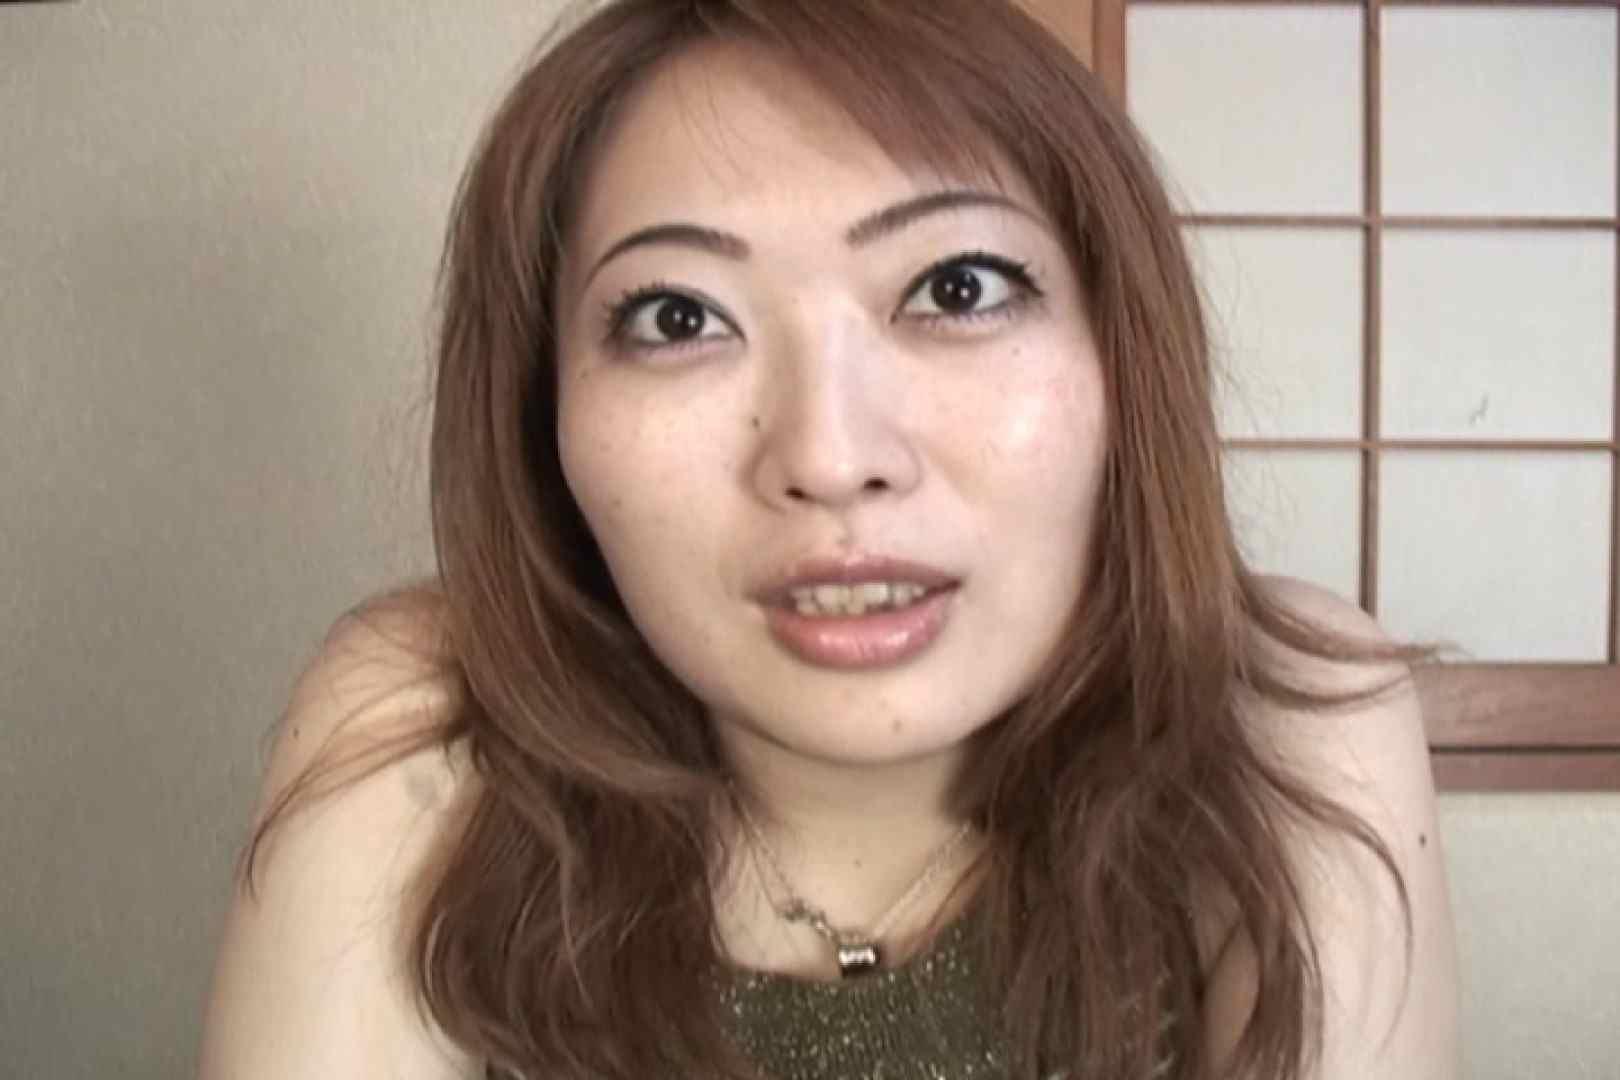 仕事で月200本のチンポを相手する22歳若人妻~桜井あい~ 人妻のエッチ  108pic 72